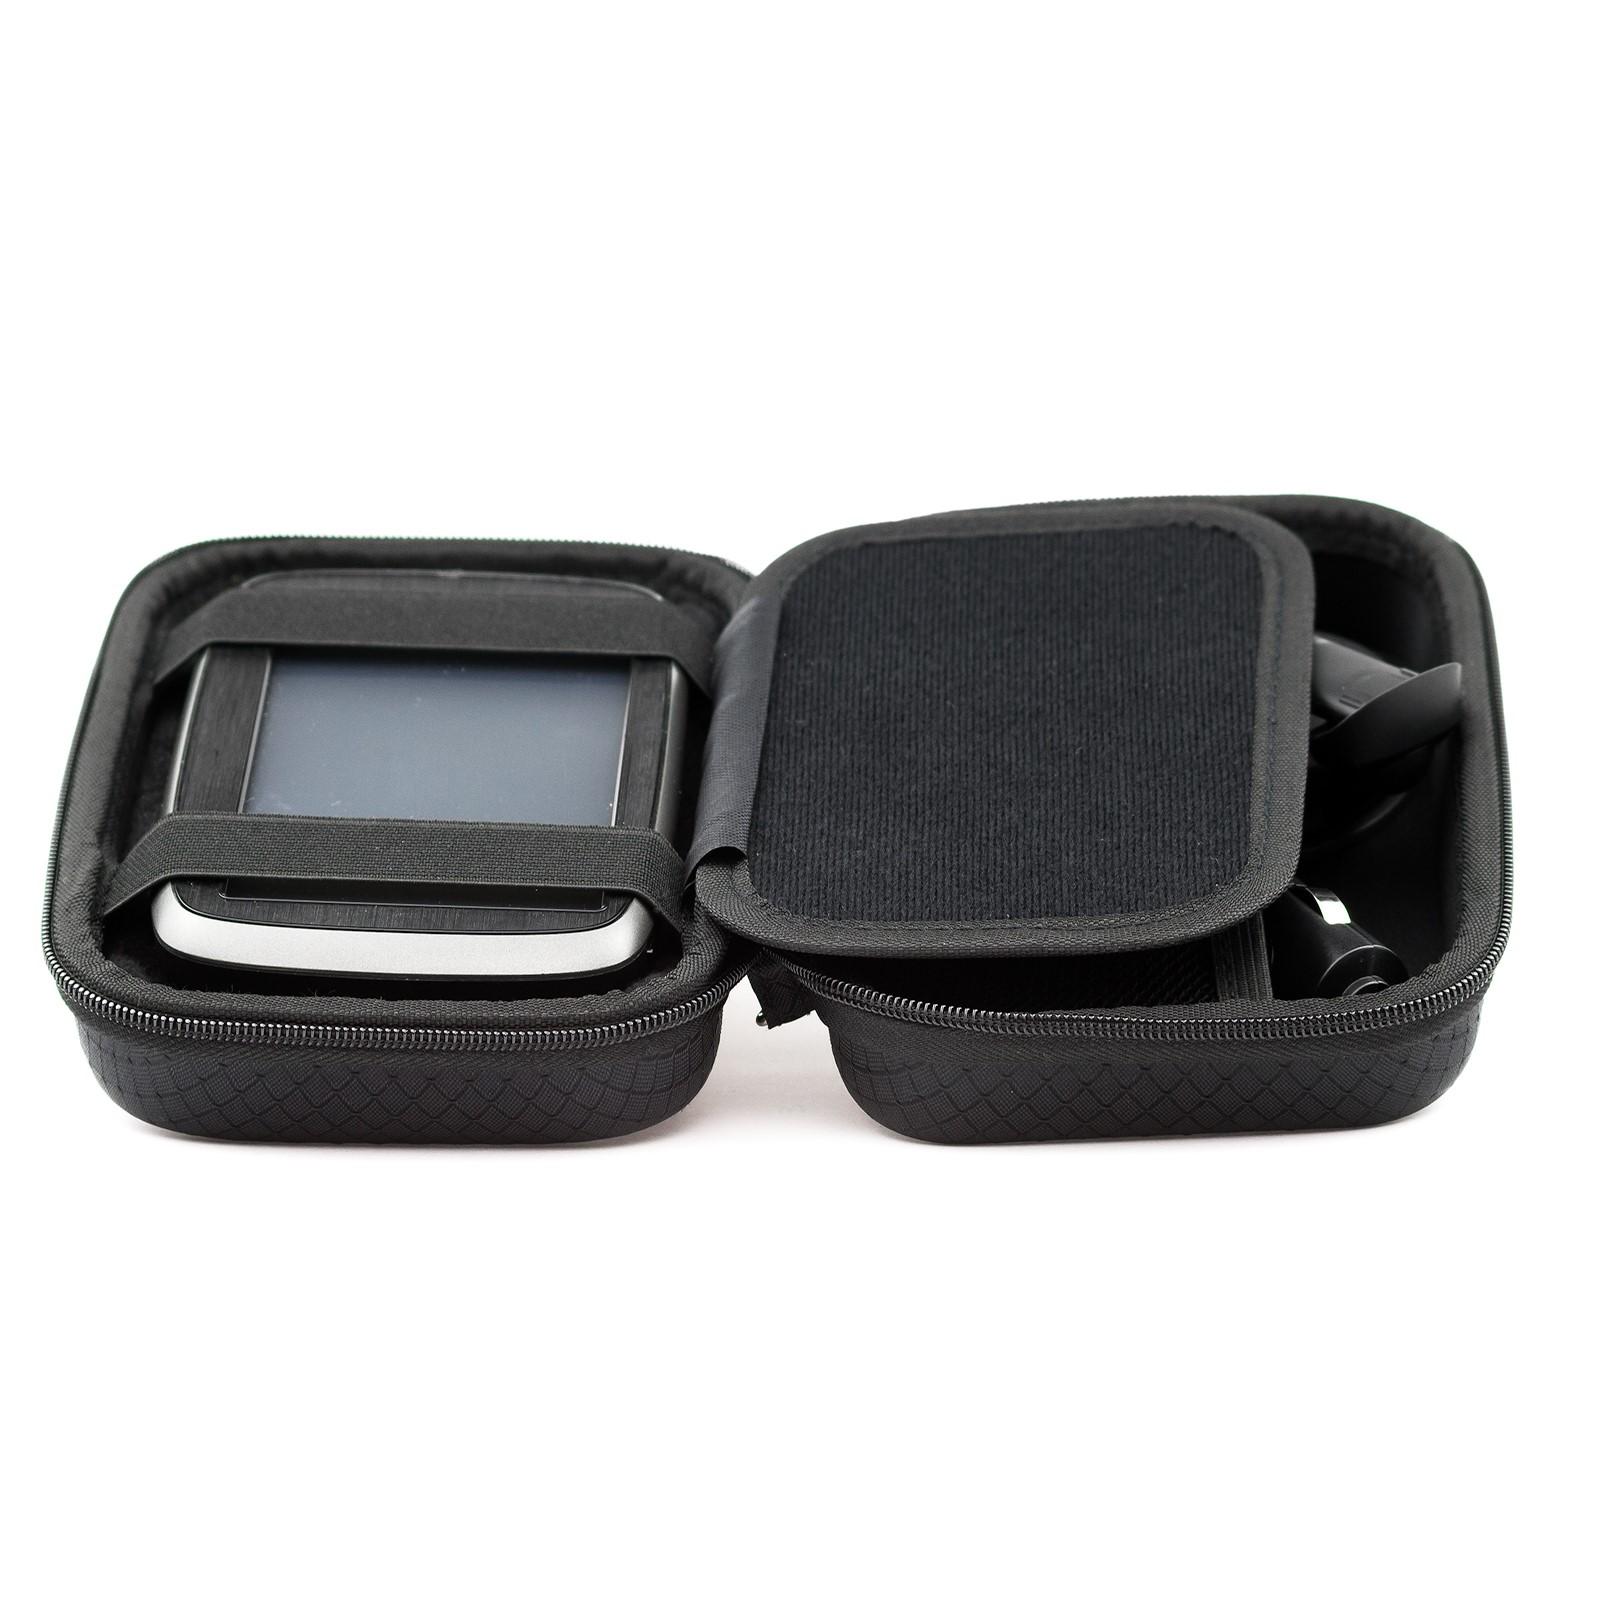 black hard carry case for tomtom go 5200 520 via start 52 53 go professional ebay. Black Bedroom Furniture Sets. Home Design Ideas